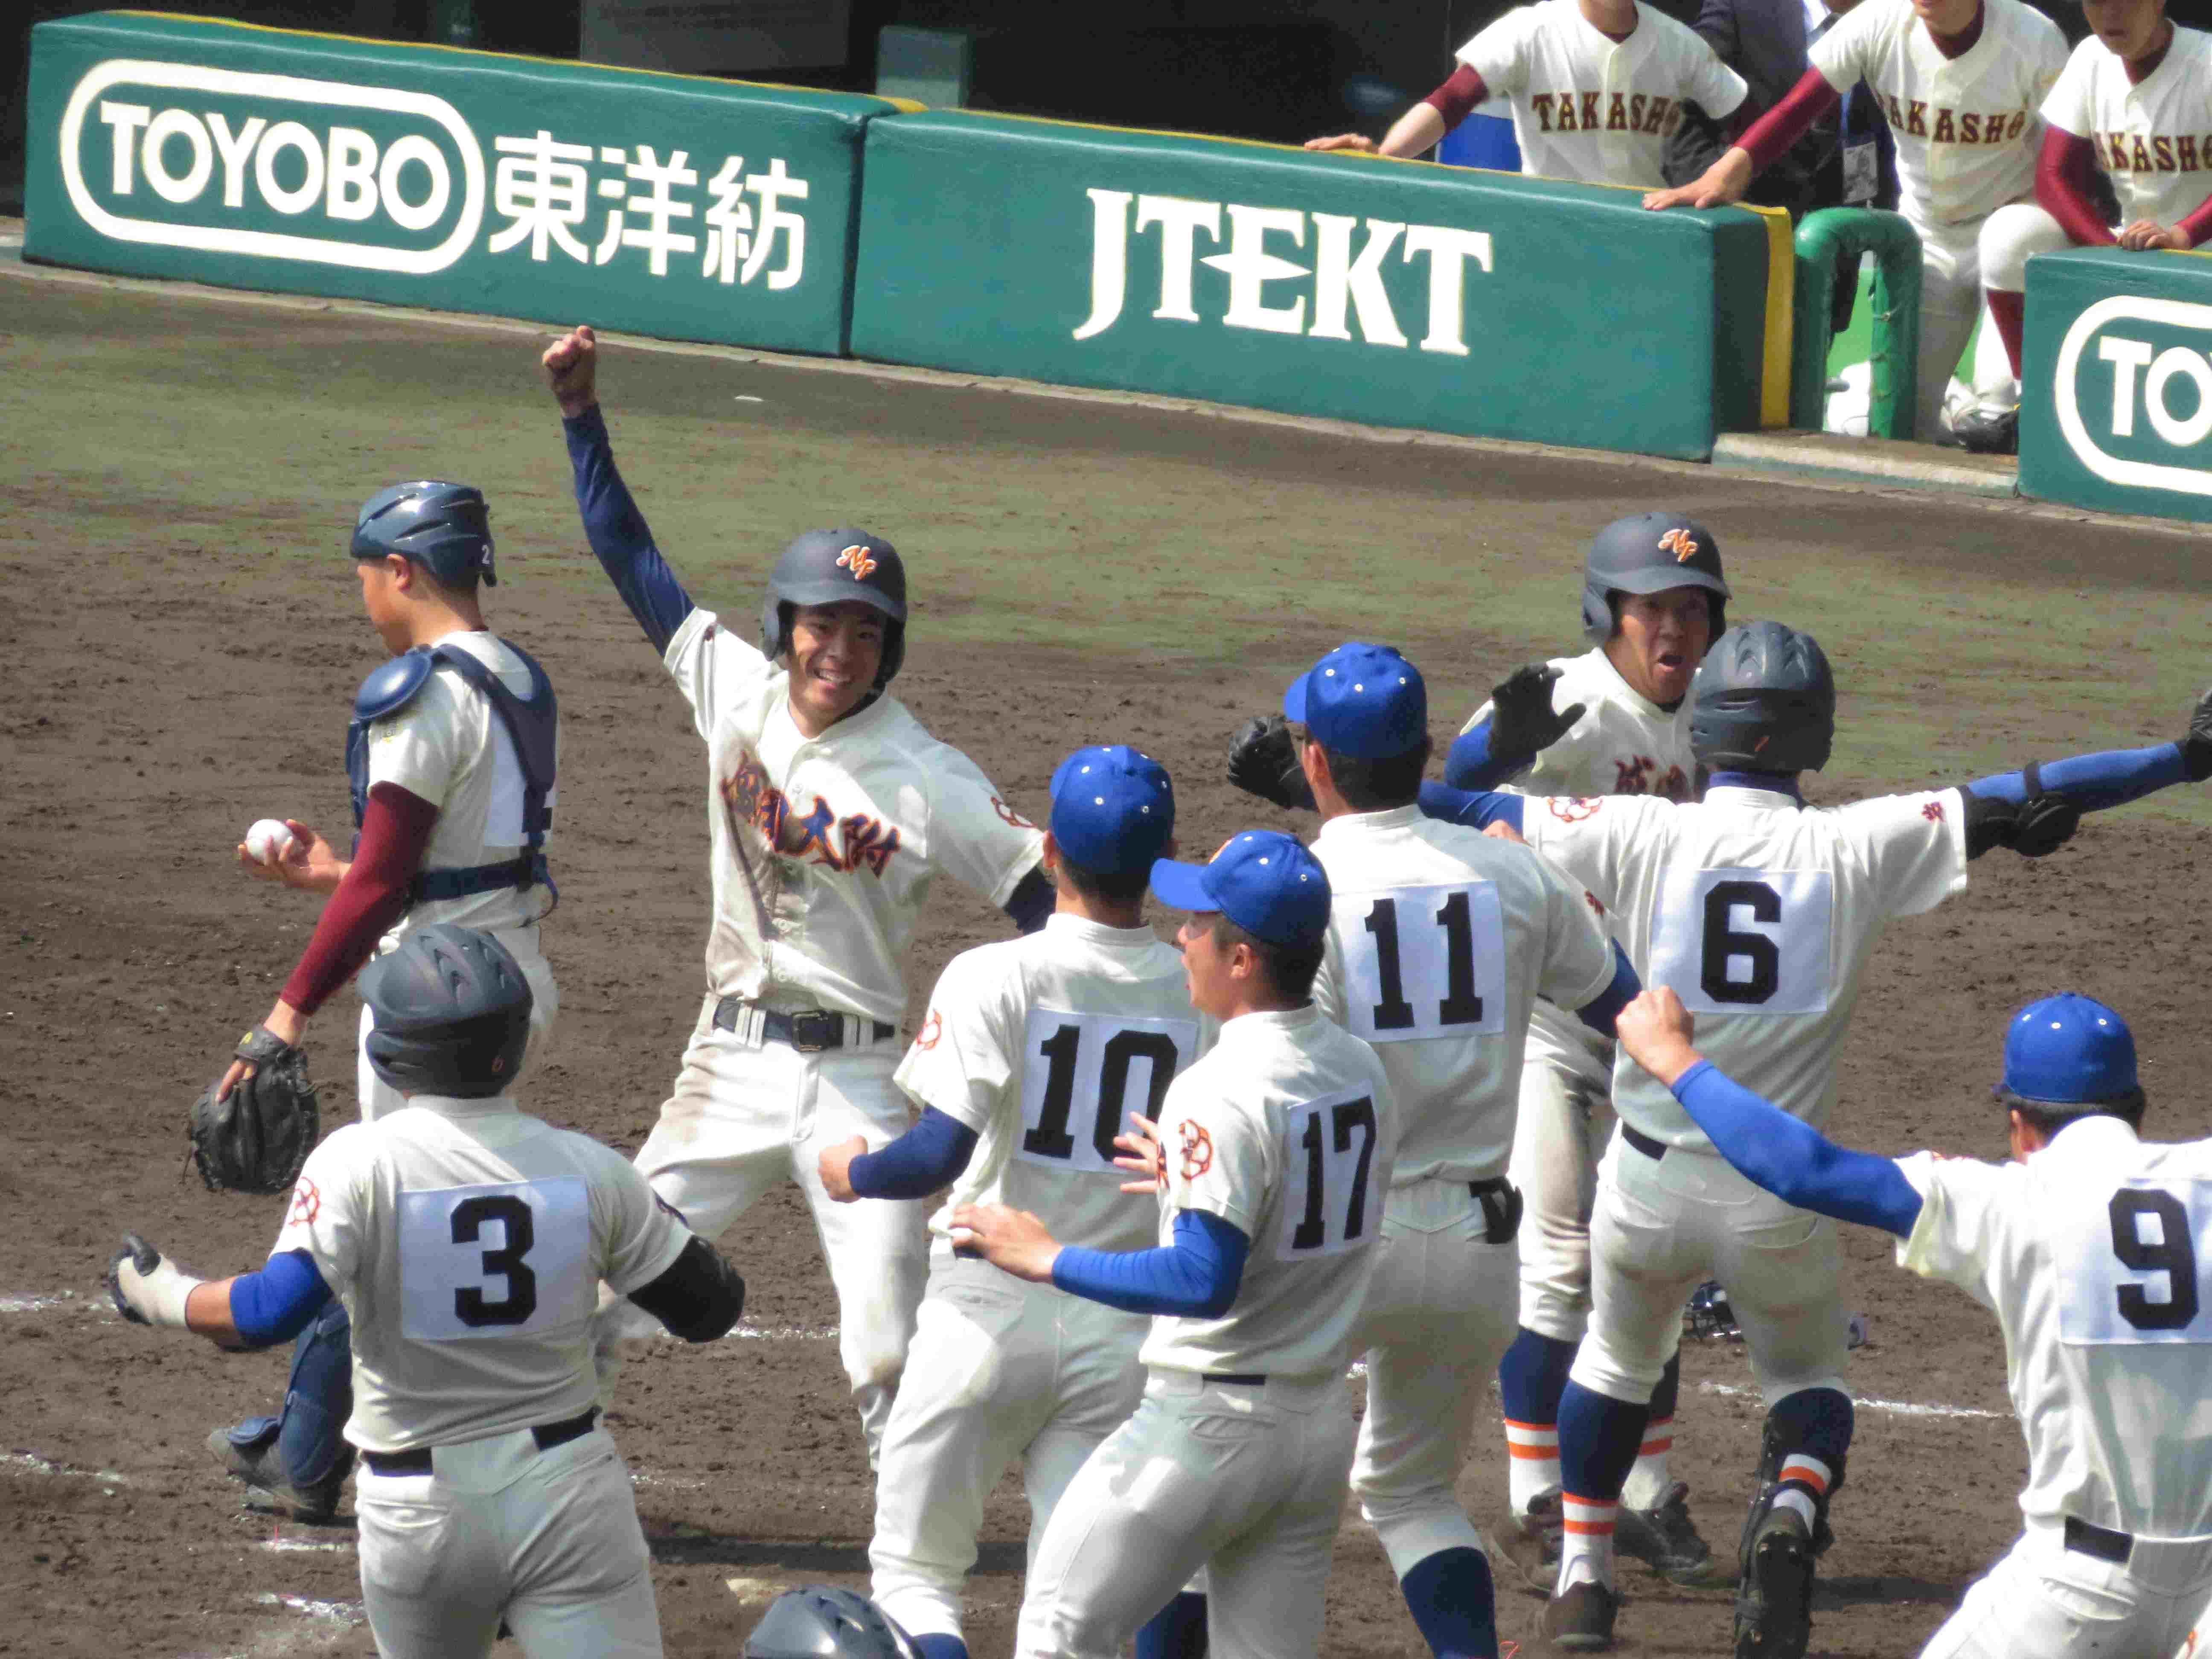 20170320盛岡大付サヨナラ勝ち